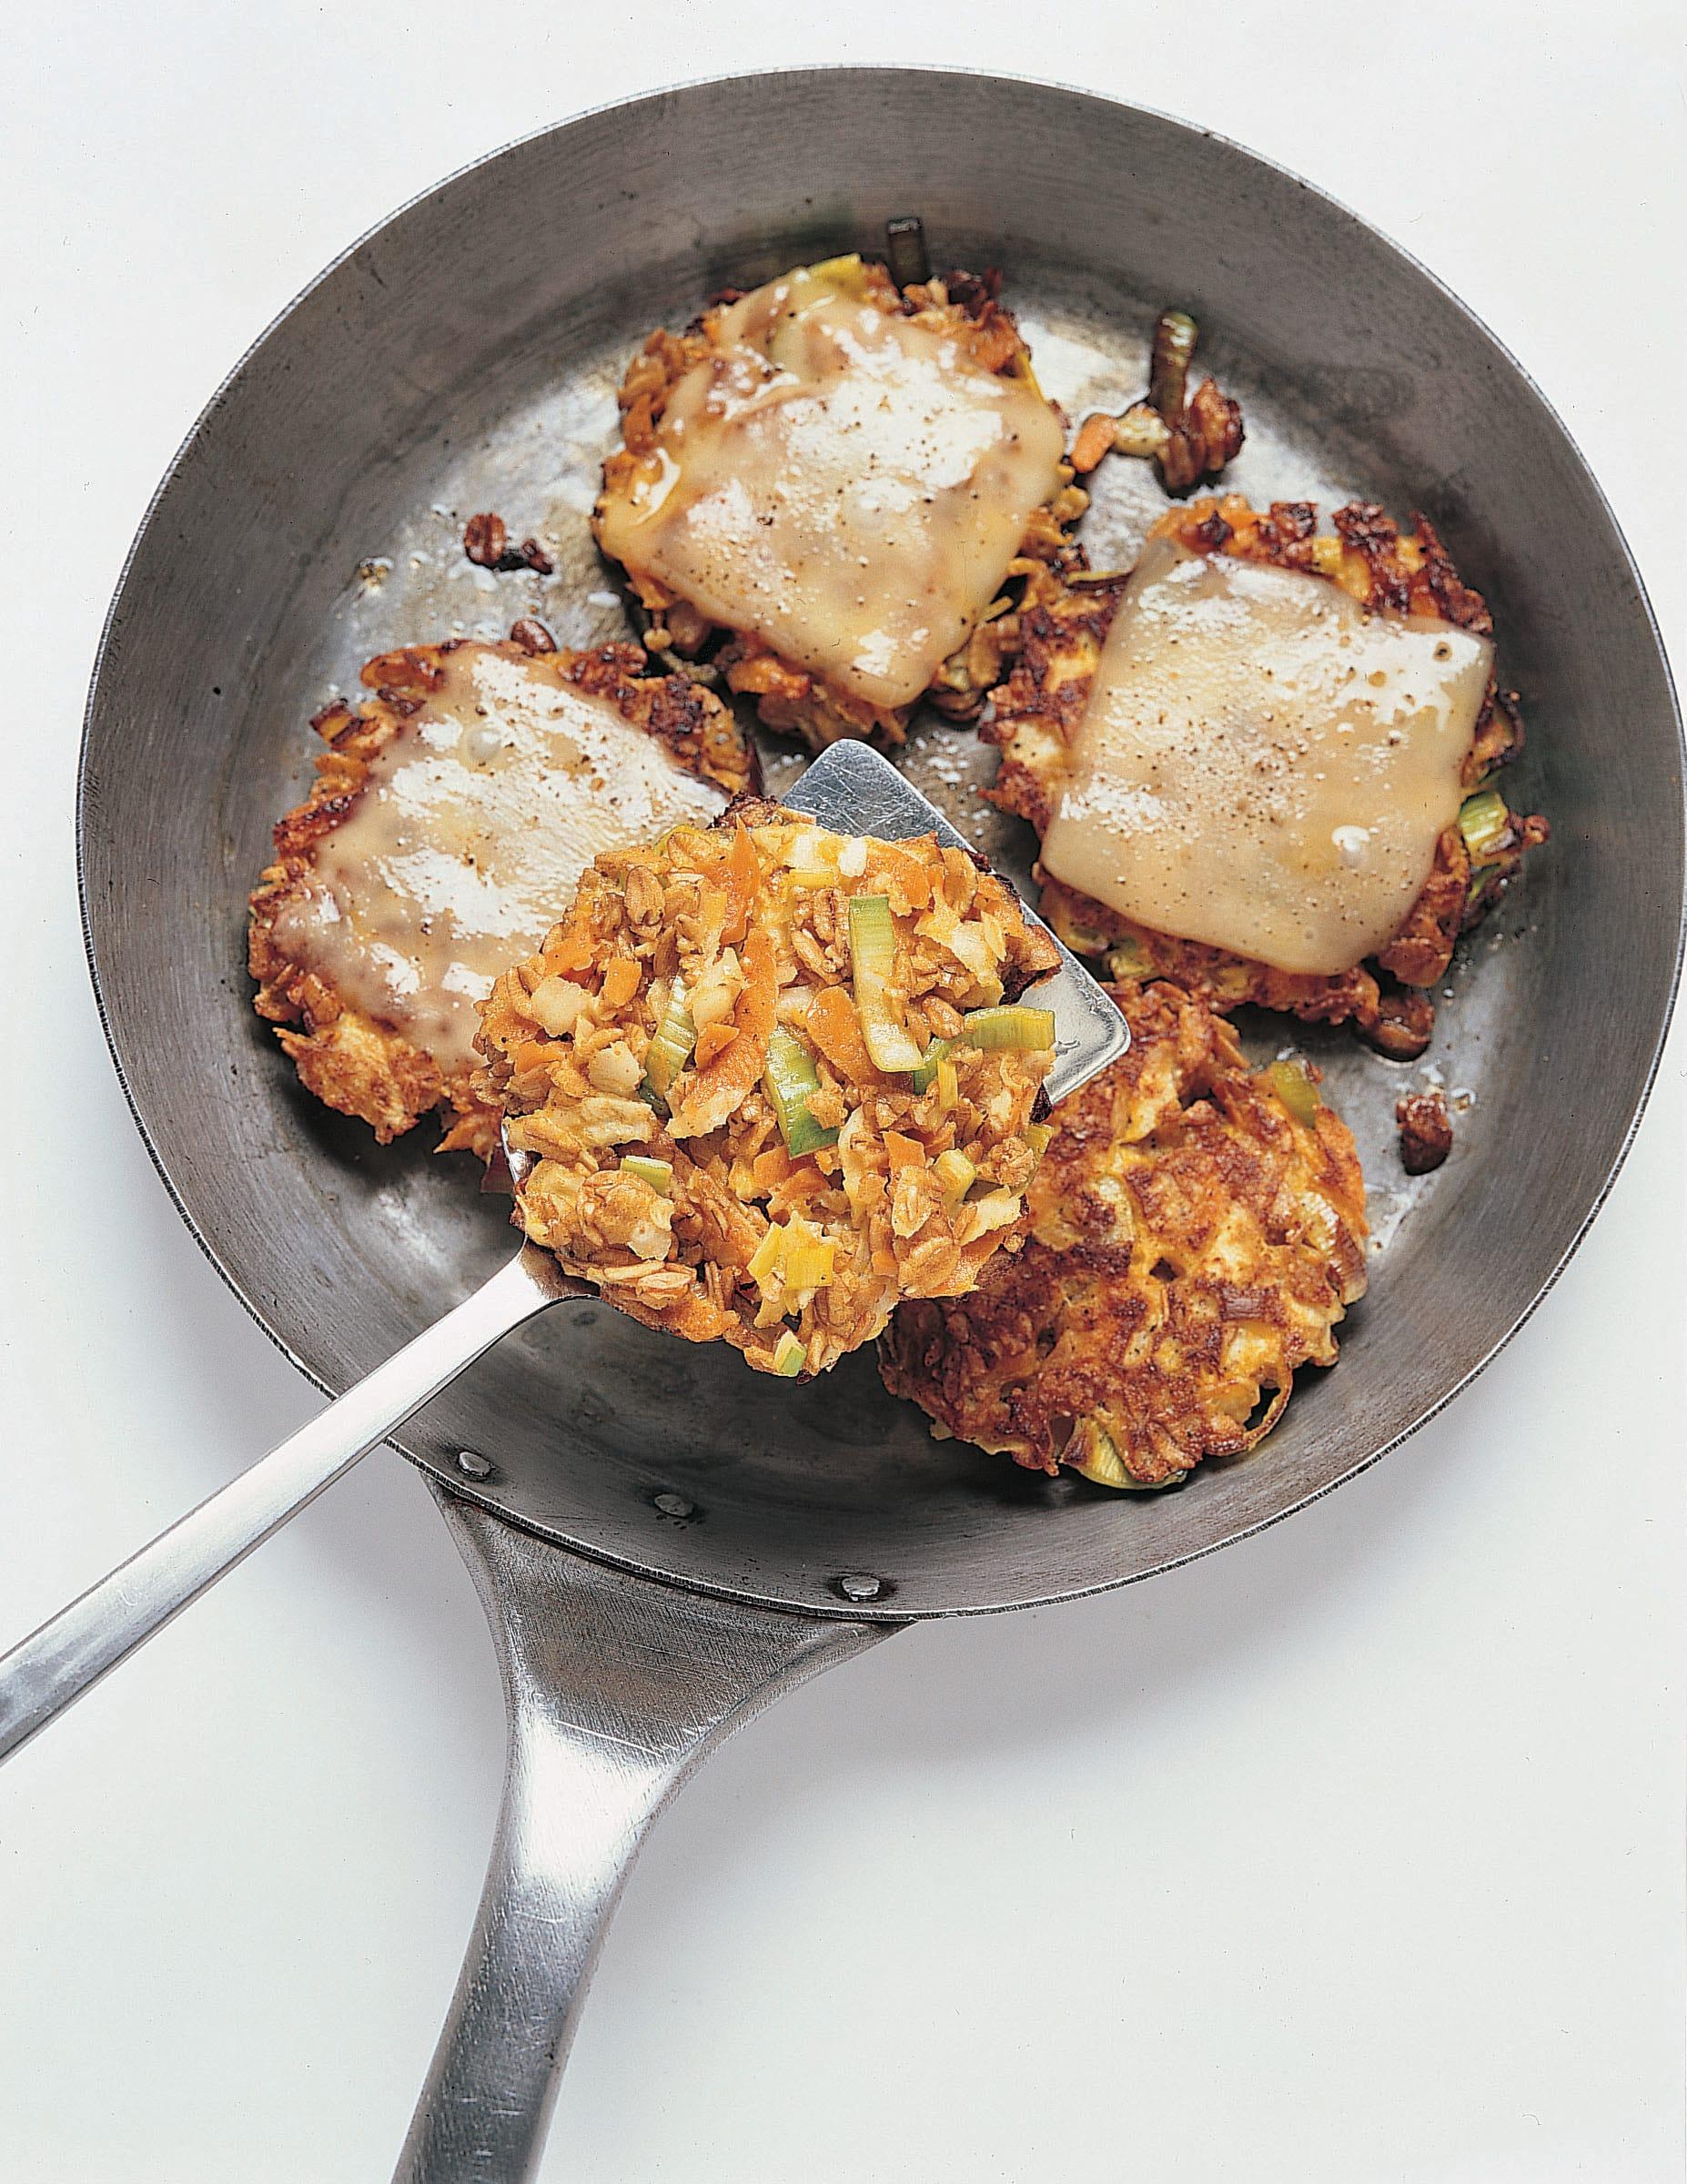 Burgers de légumes au fromage (veggie burger)